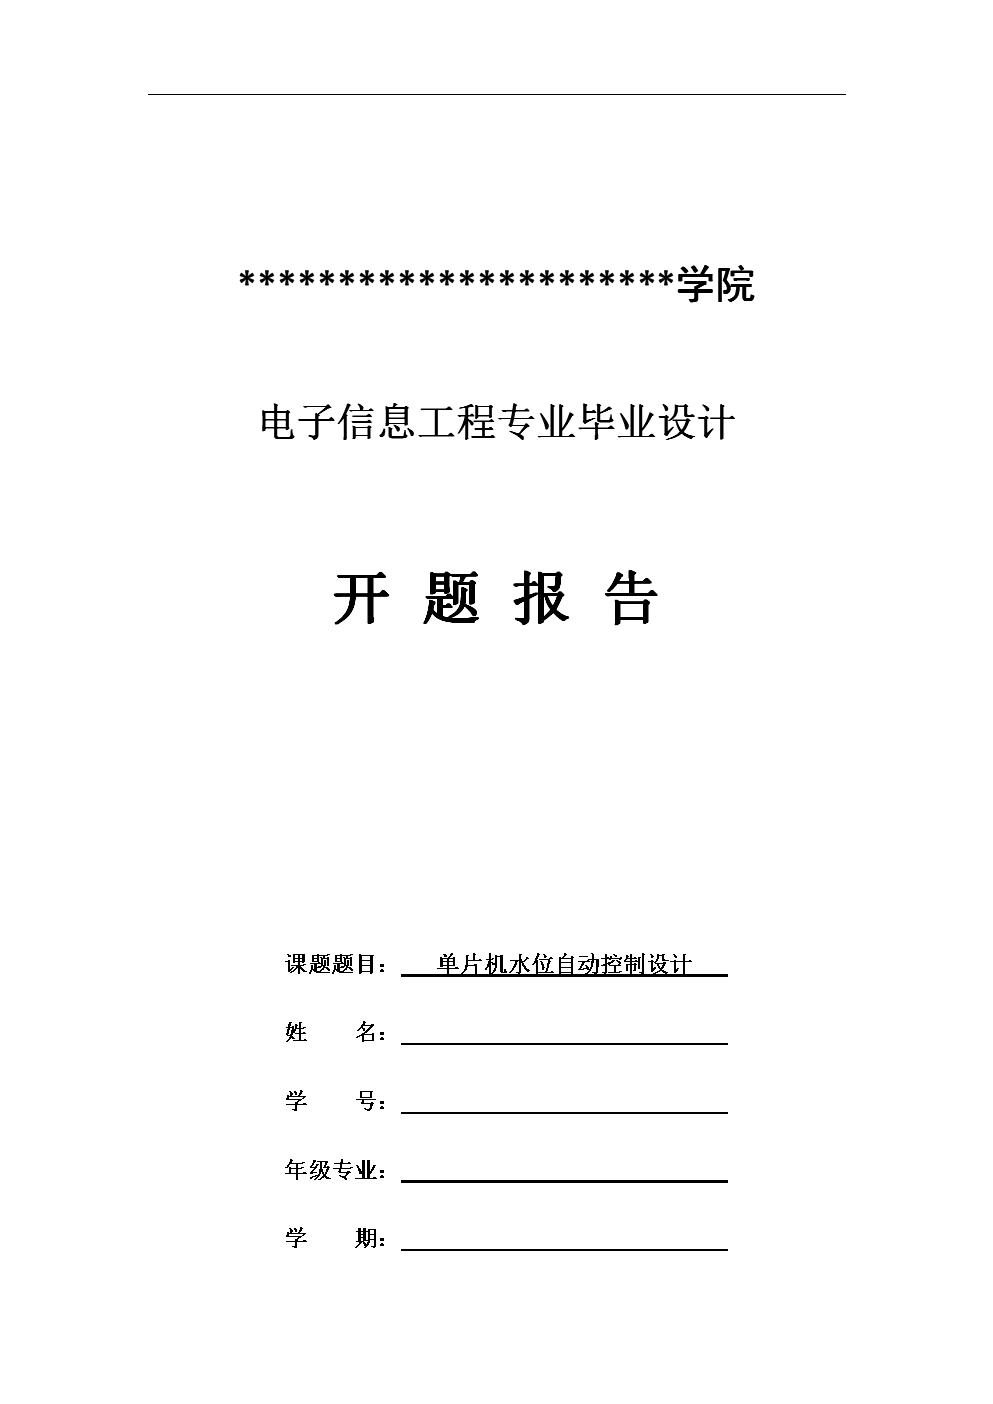 开题报告-单片机水位自动控制系统.docx